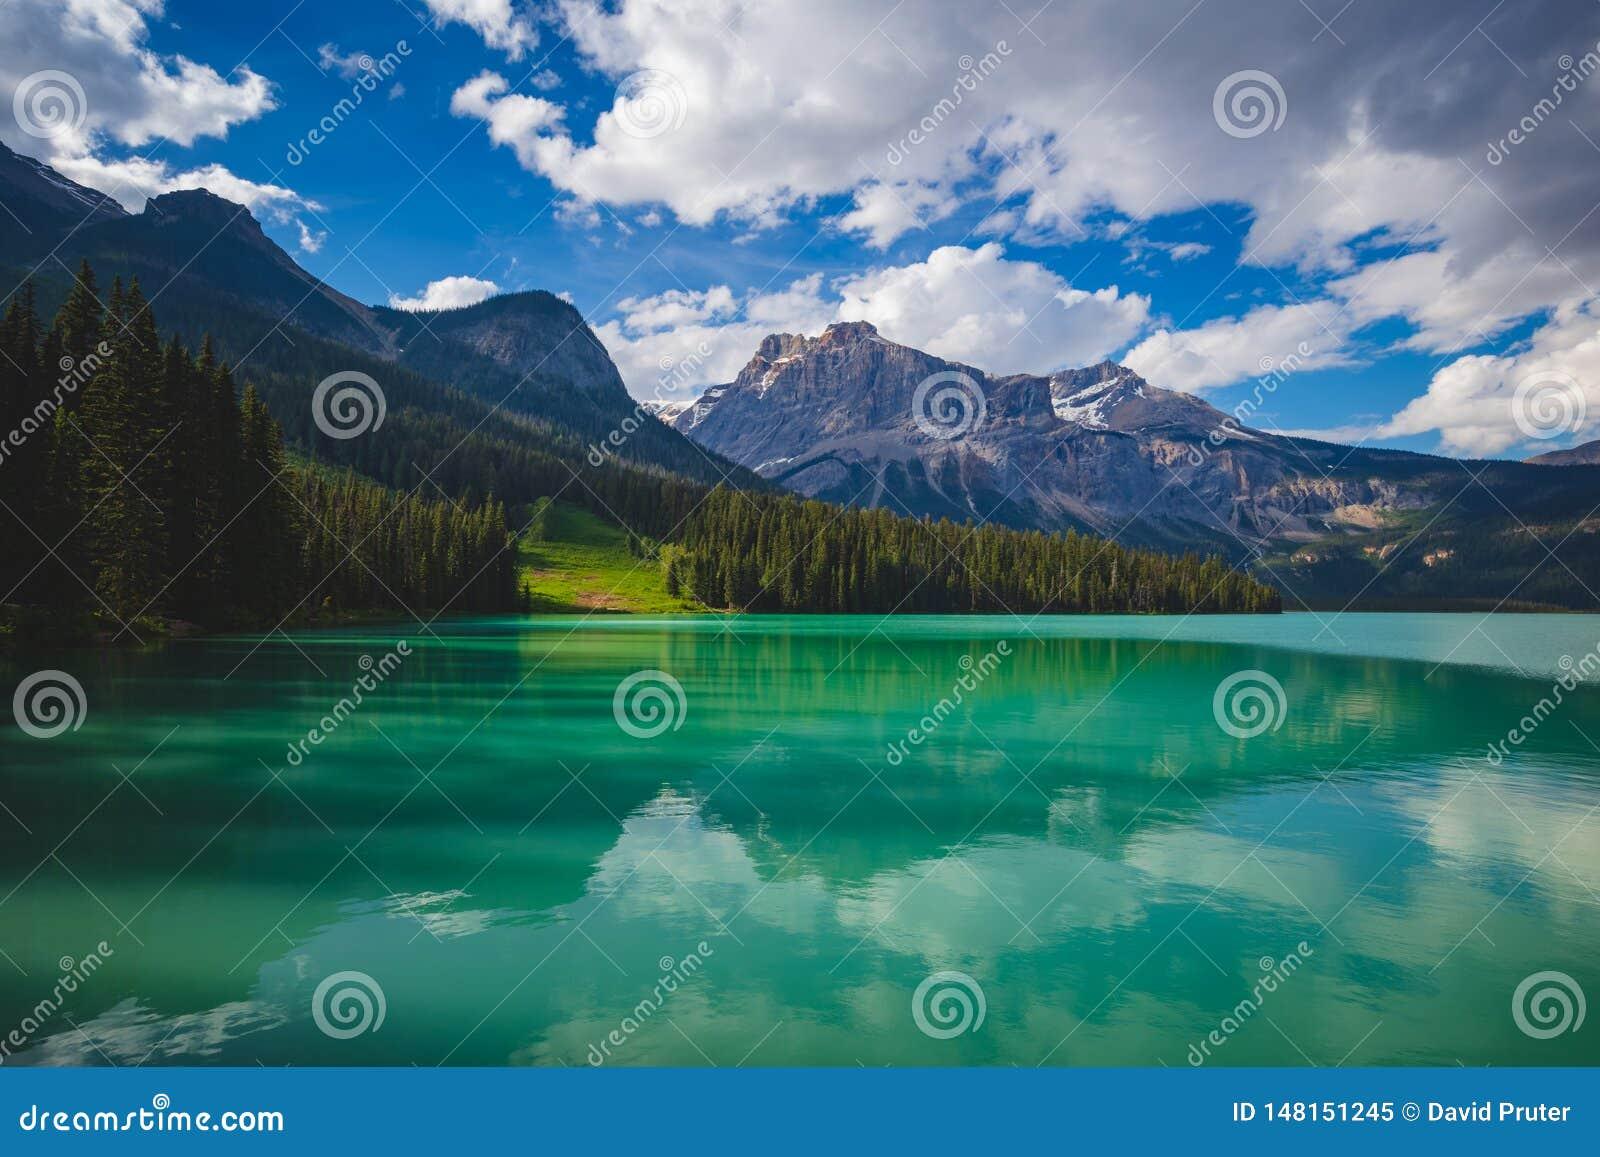 鲜绿色湖反射